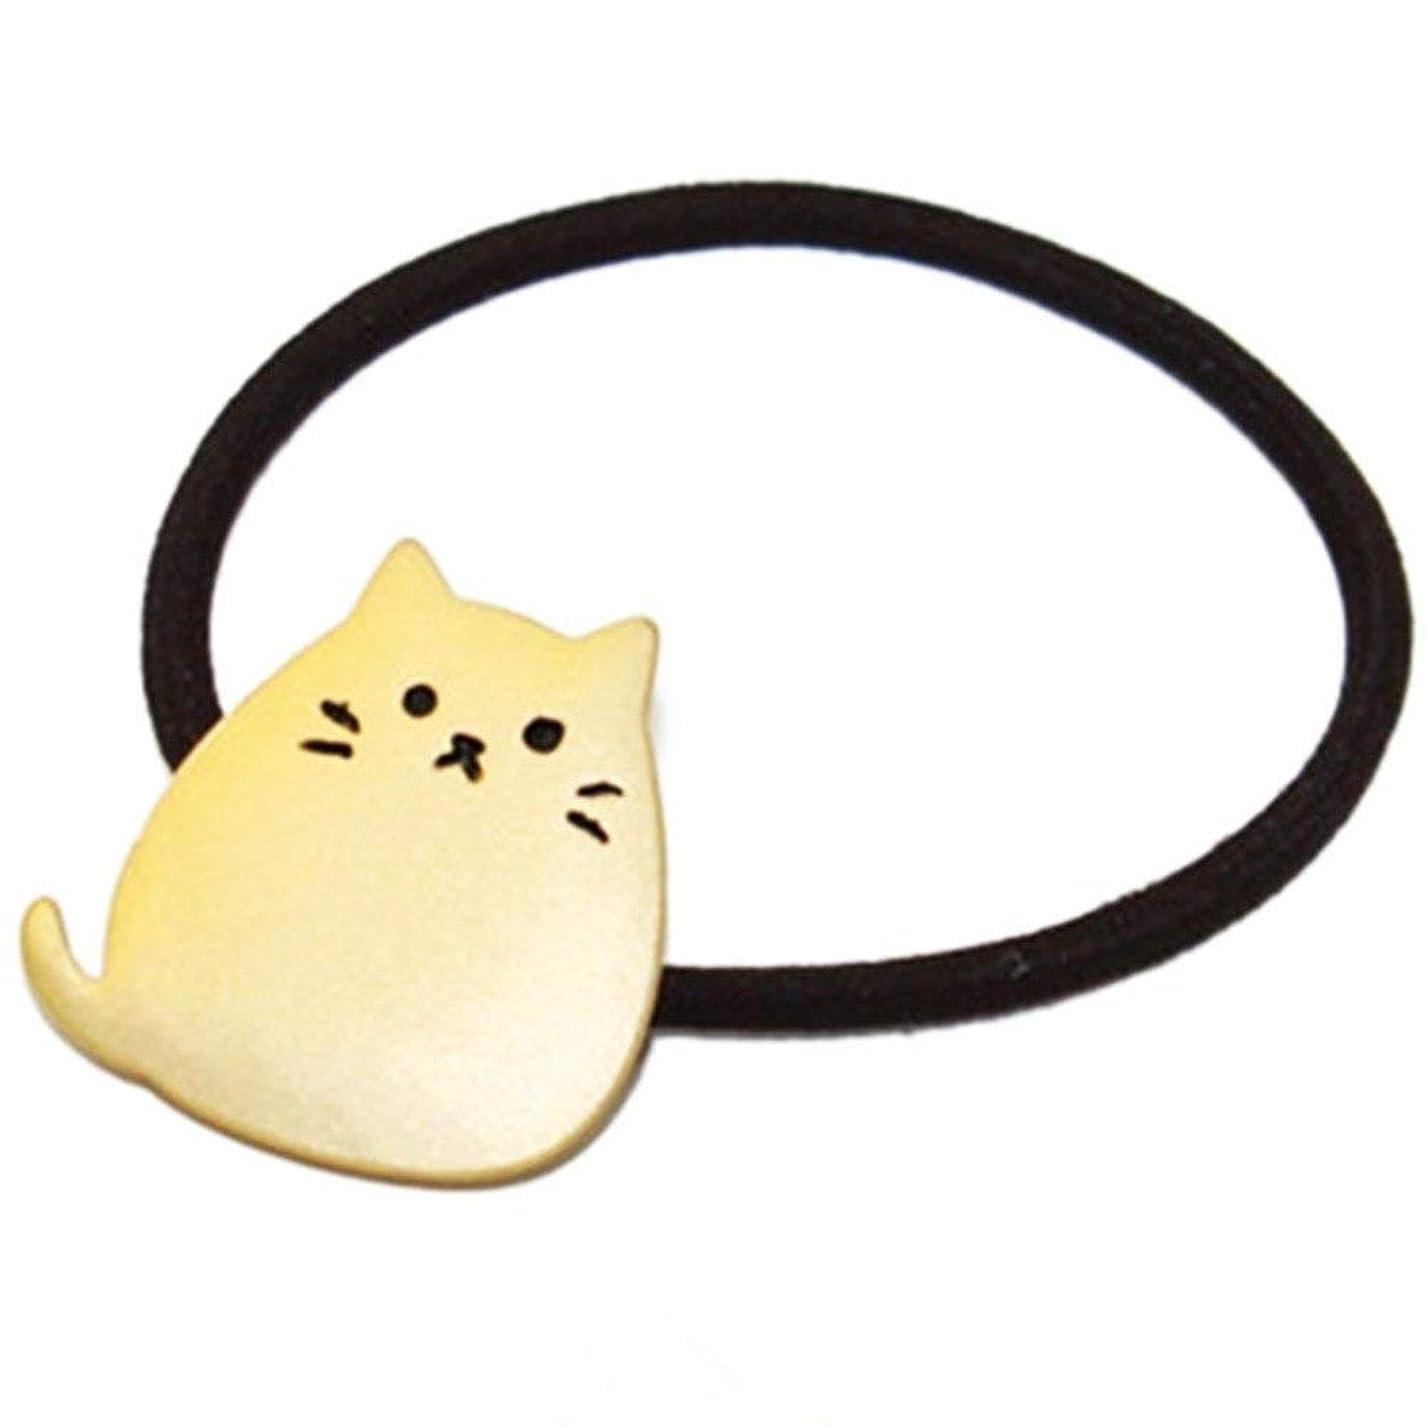 ほのか誰順番Onior ヘアロープ 弾性 リボン 髪飾り ヘアネクタイ 猫形 金属 メッキ 1ピース ゴールデン